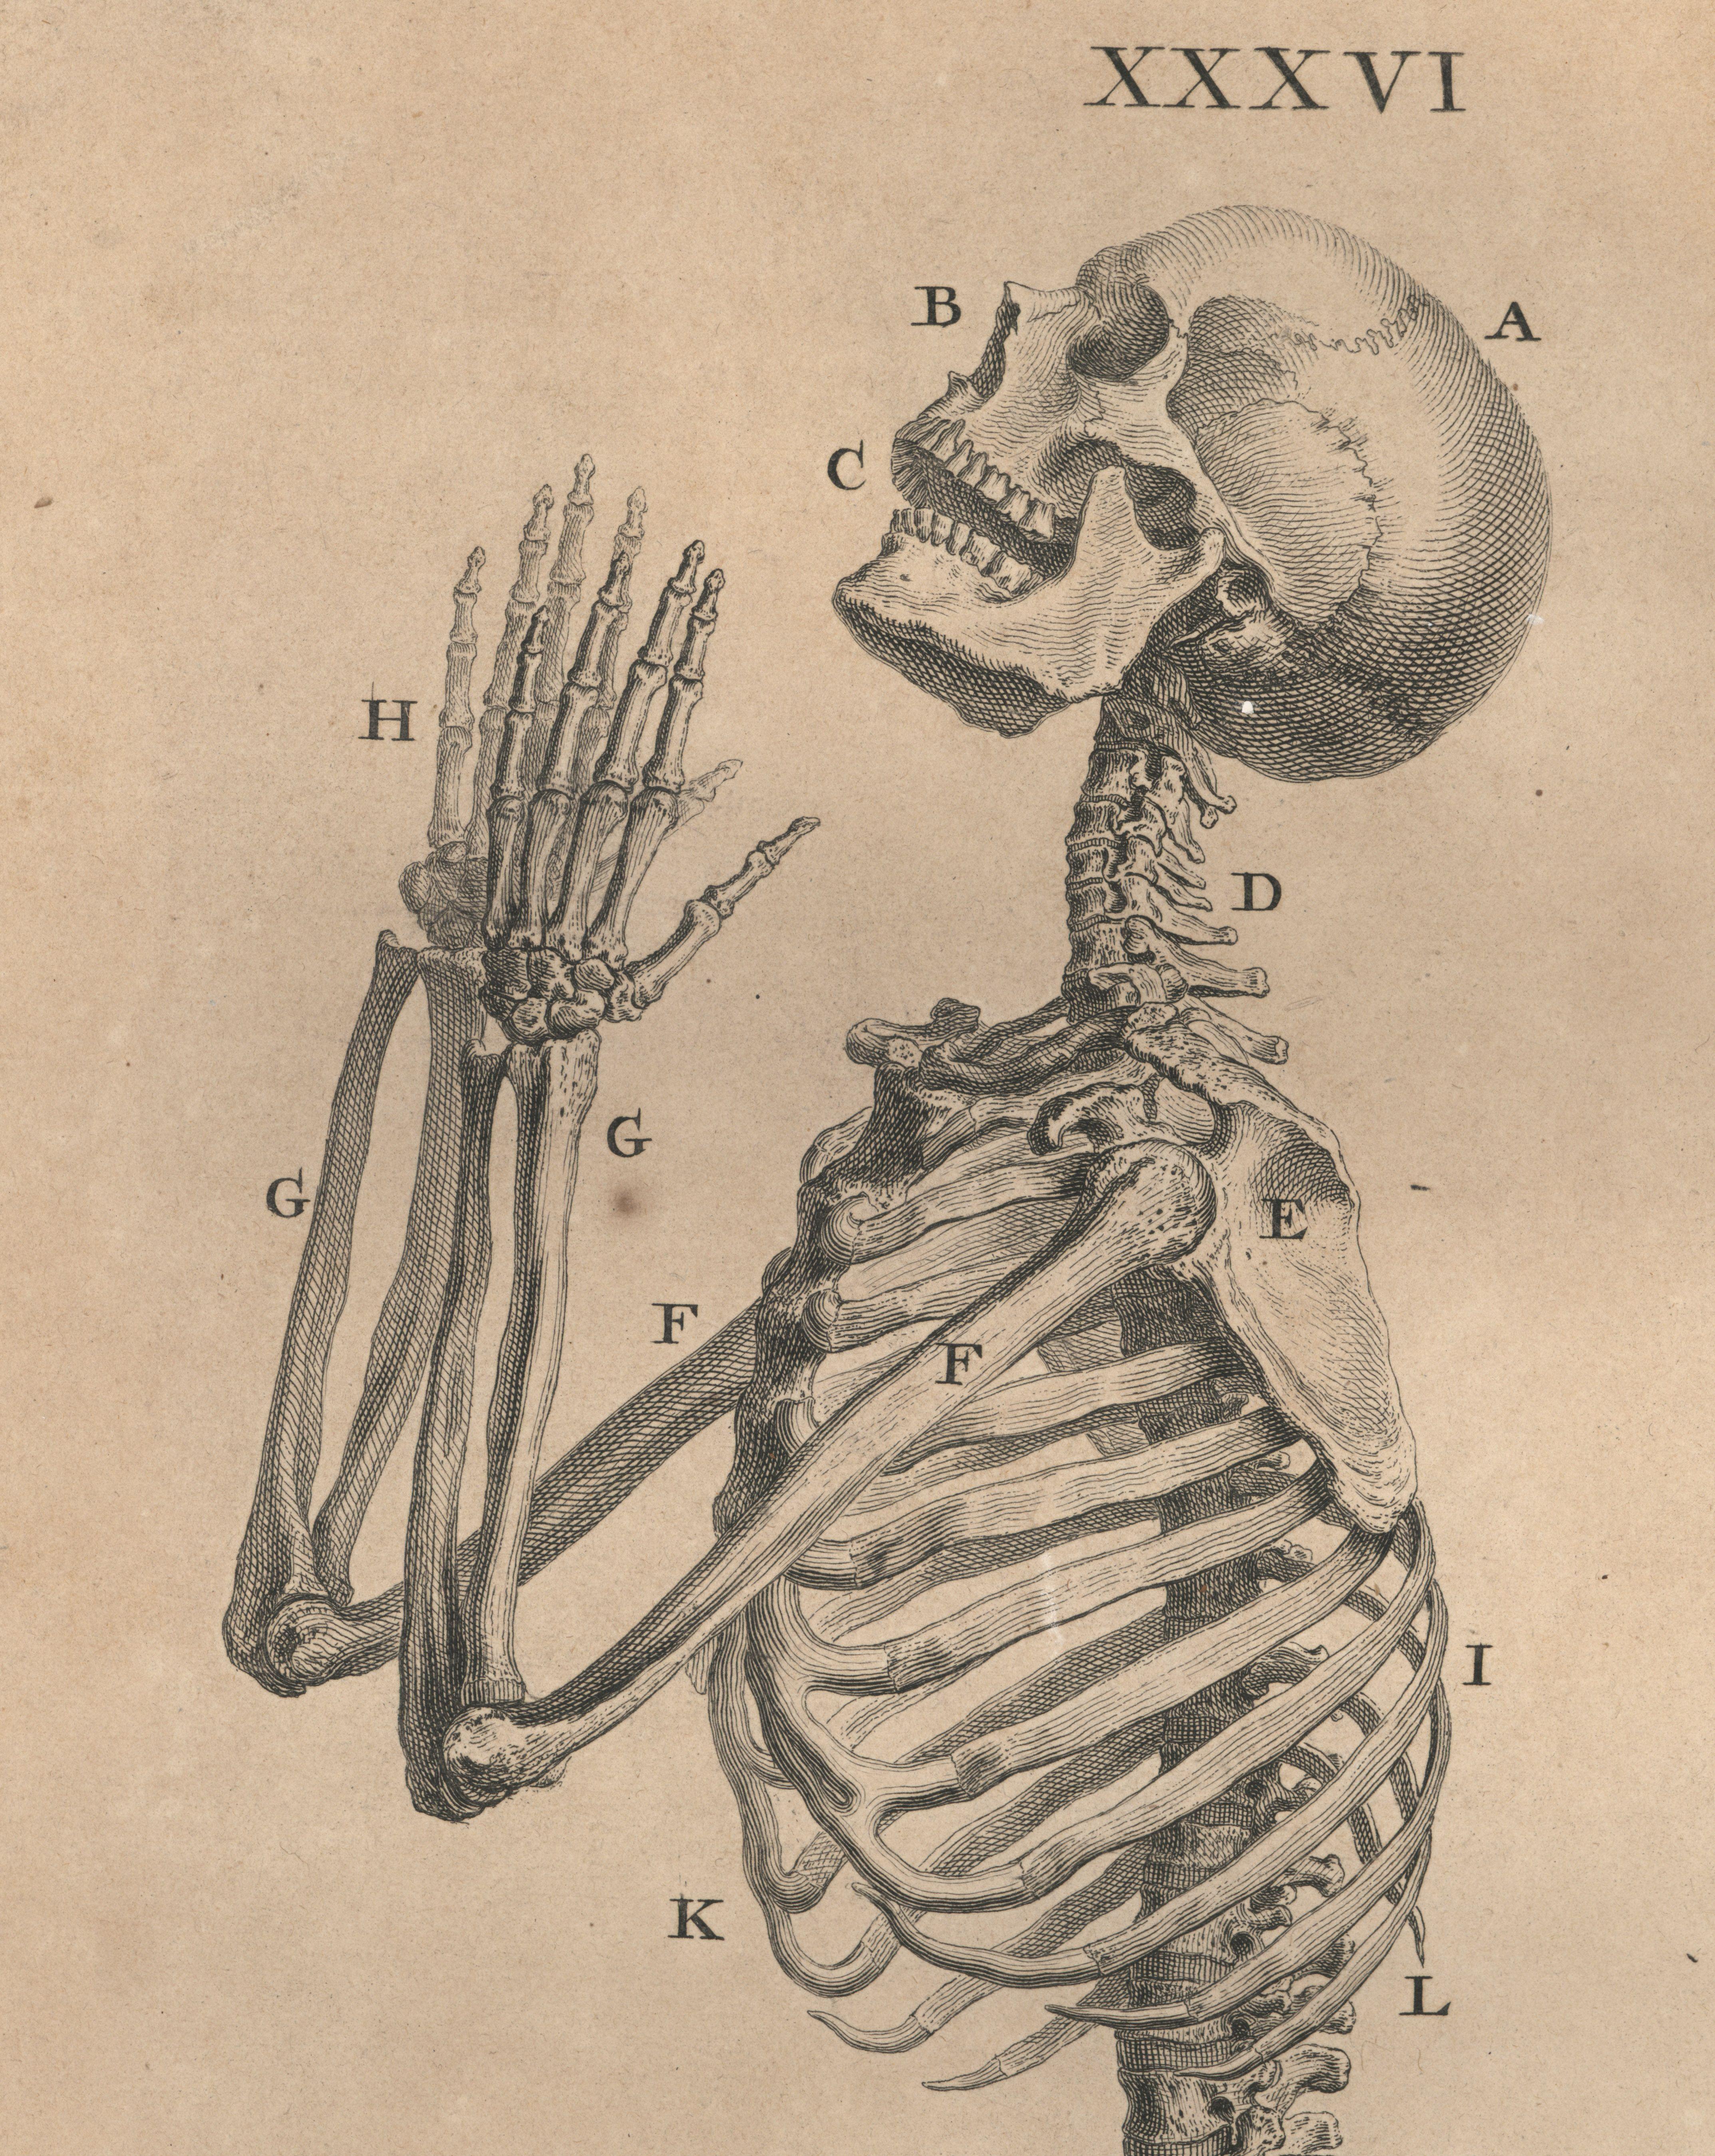 afficher l 39 image d 39 origine anatomie pinterest planche anatomique images et projets de dessin. Black Bedroom Furniture Sets. Home Design Ideas